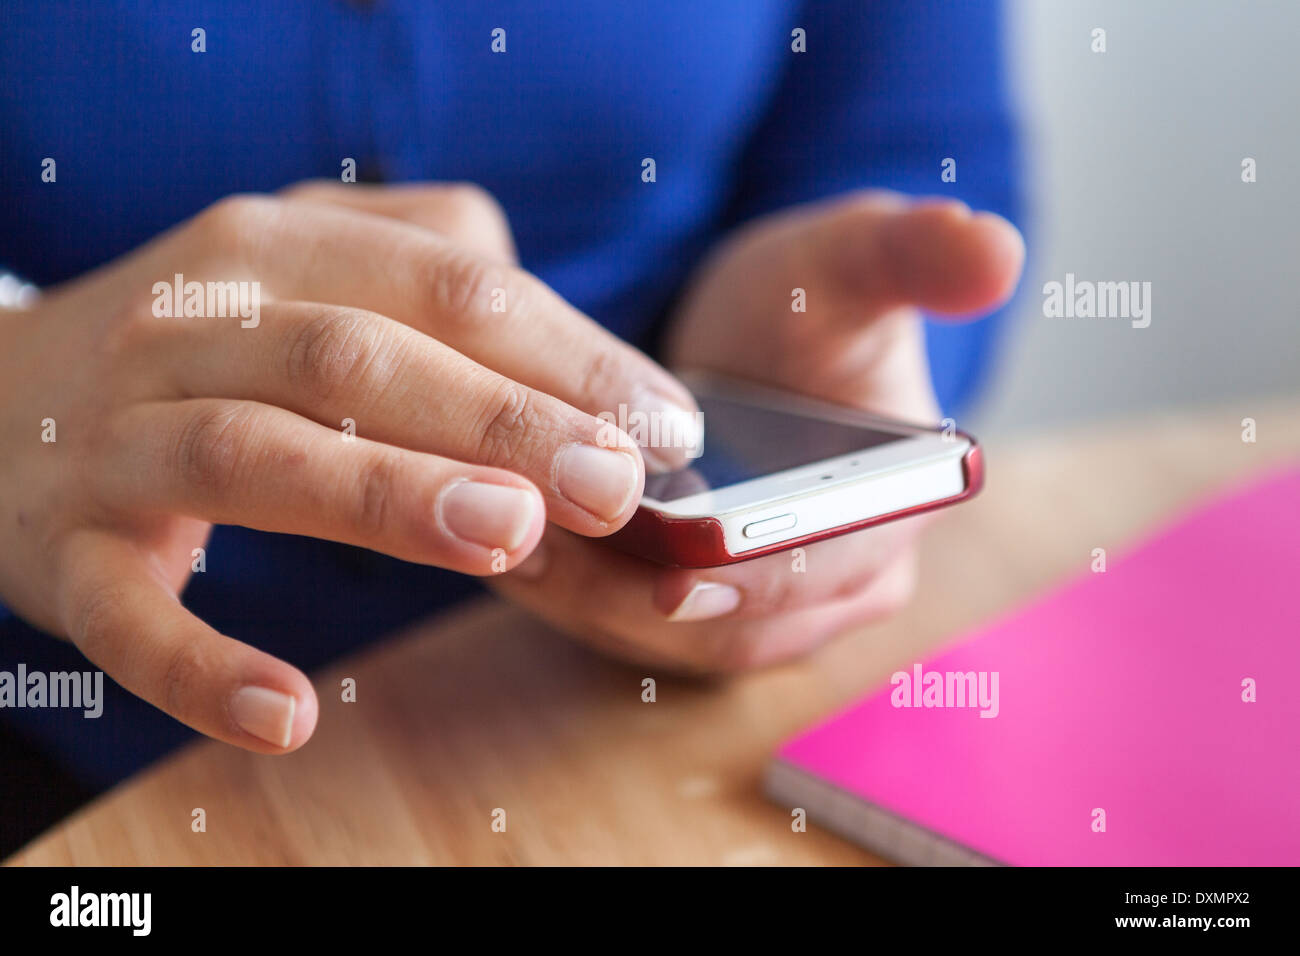 Mujer navegando en la web en el teléfono inteligente. Imagen De Stock